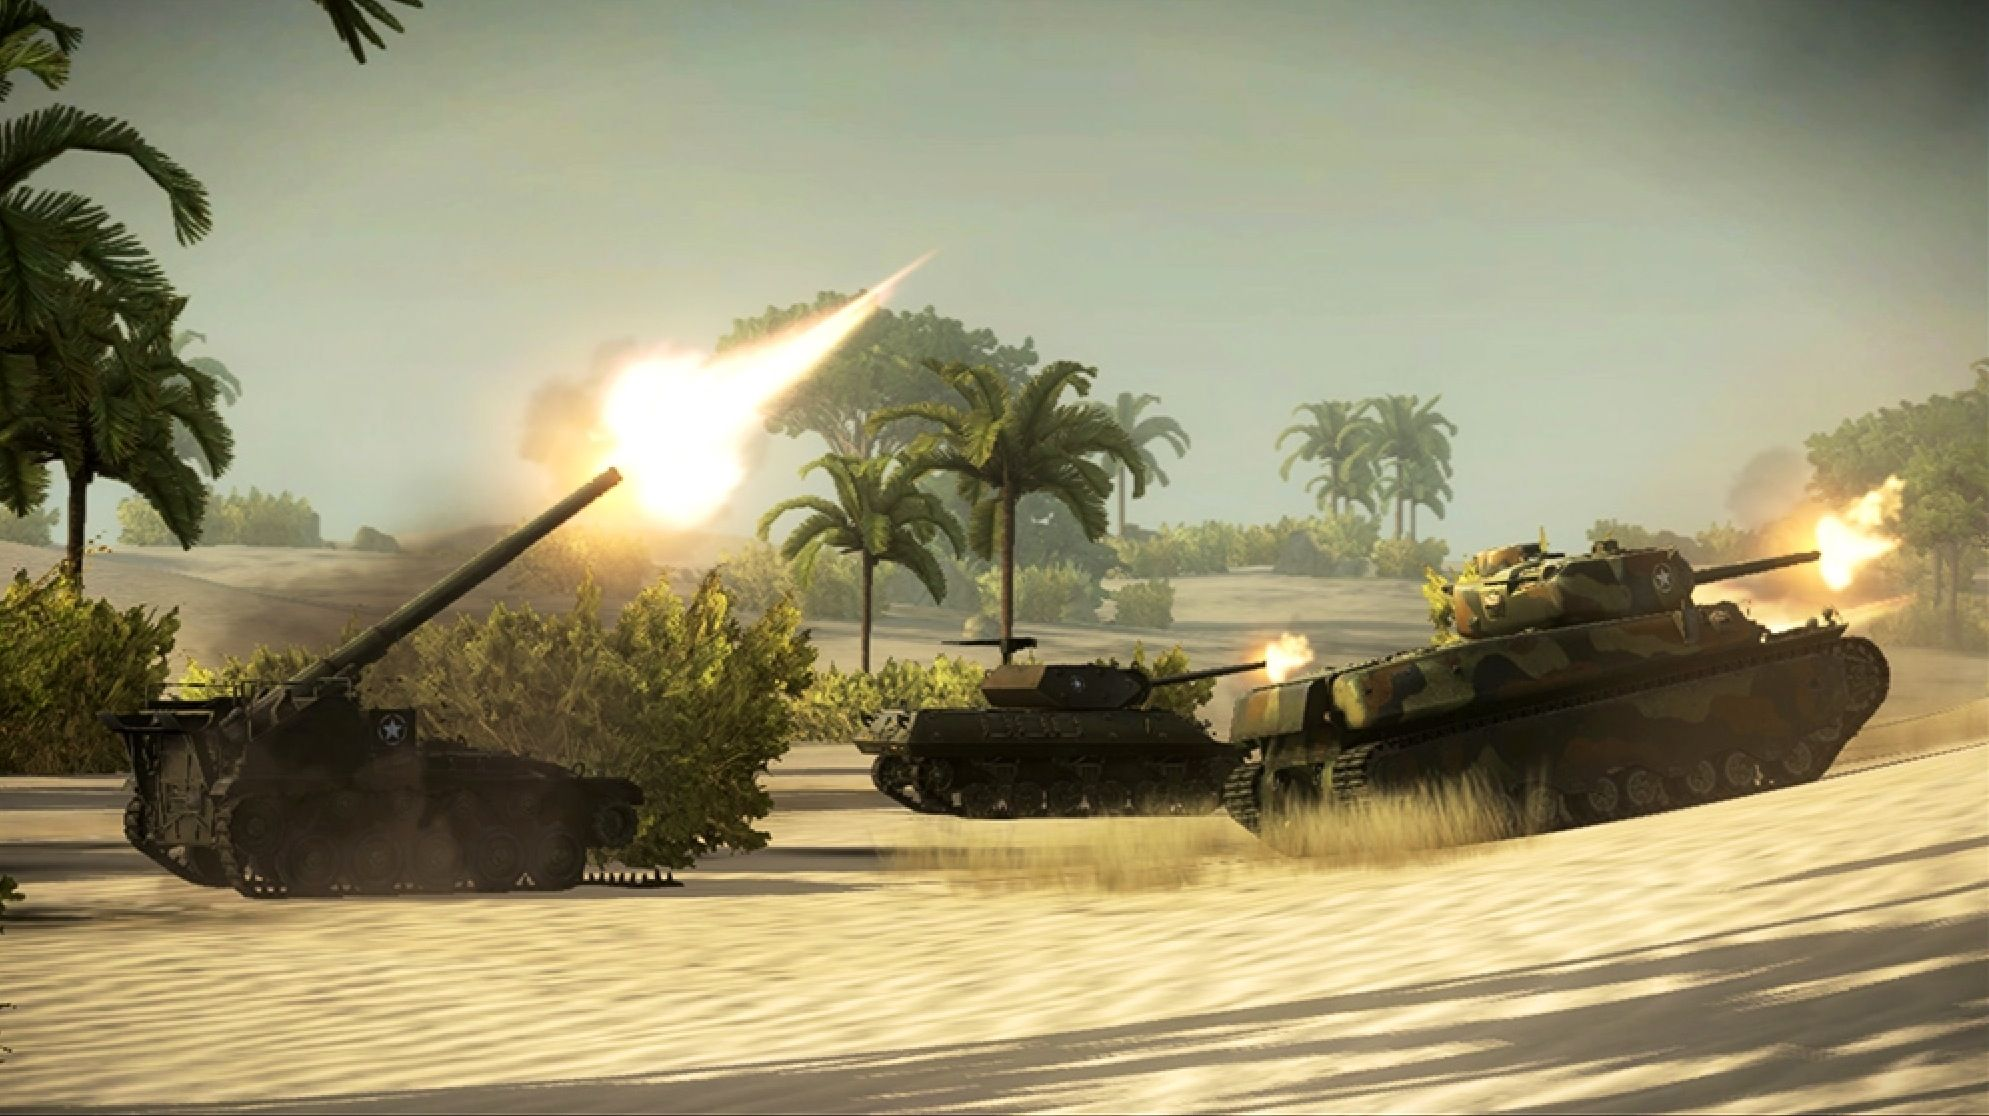 123teachme tank game colors - T Bb Mint 1000 Tlet A K Vetkez Vel Kapcsolatban Tank Games Online A Pinteresten Bossz Ll K S T Rsasj T Kok